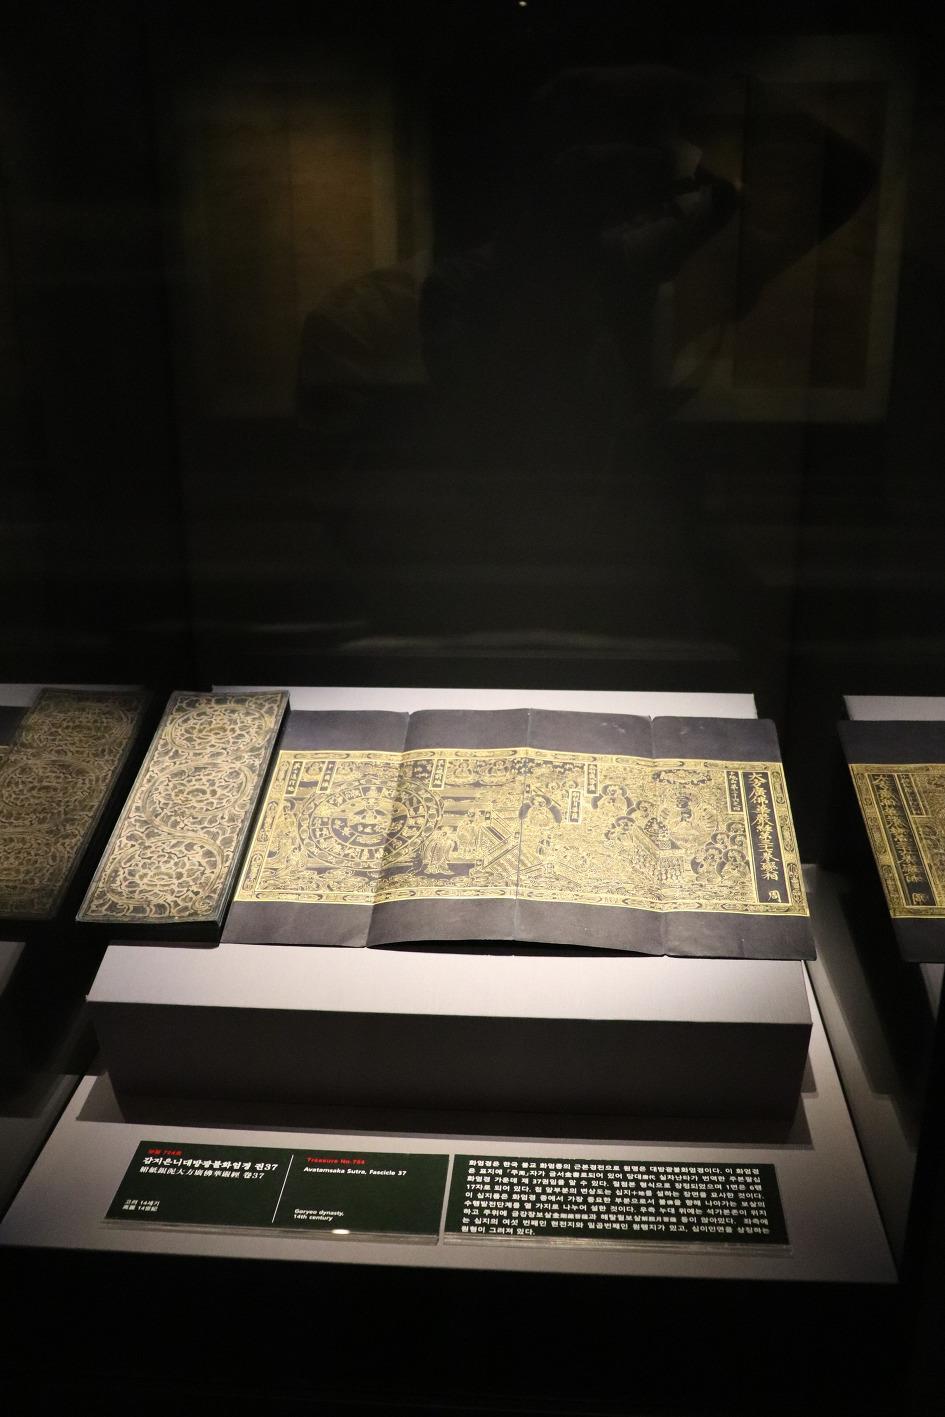 감지은니대방광불화엄경주본 권37(보물 제754호)-호림박물관